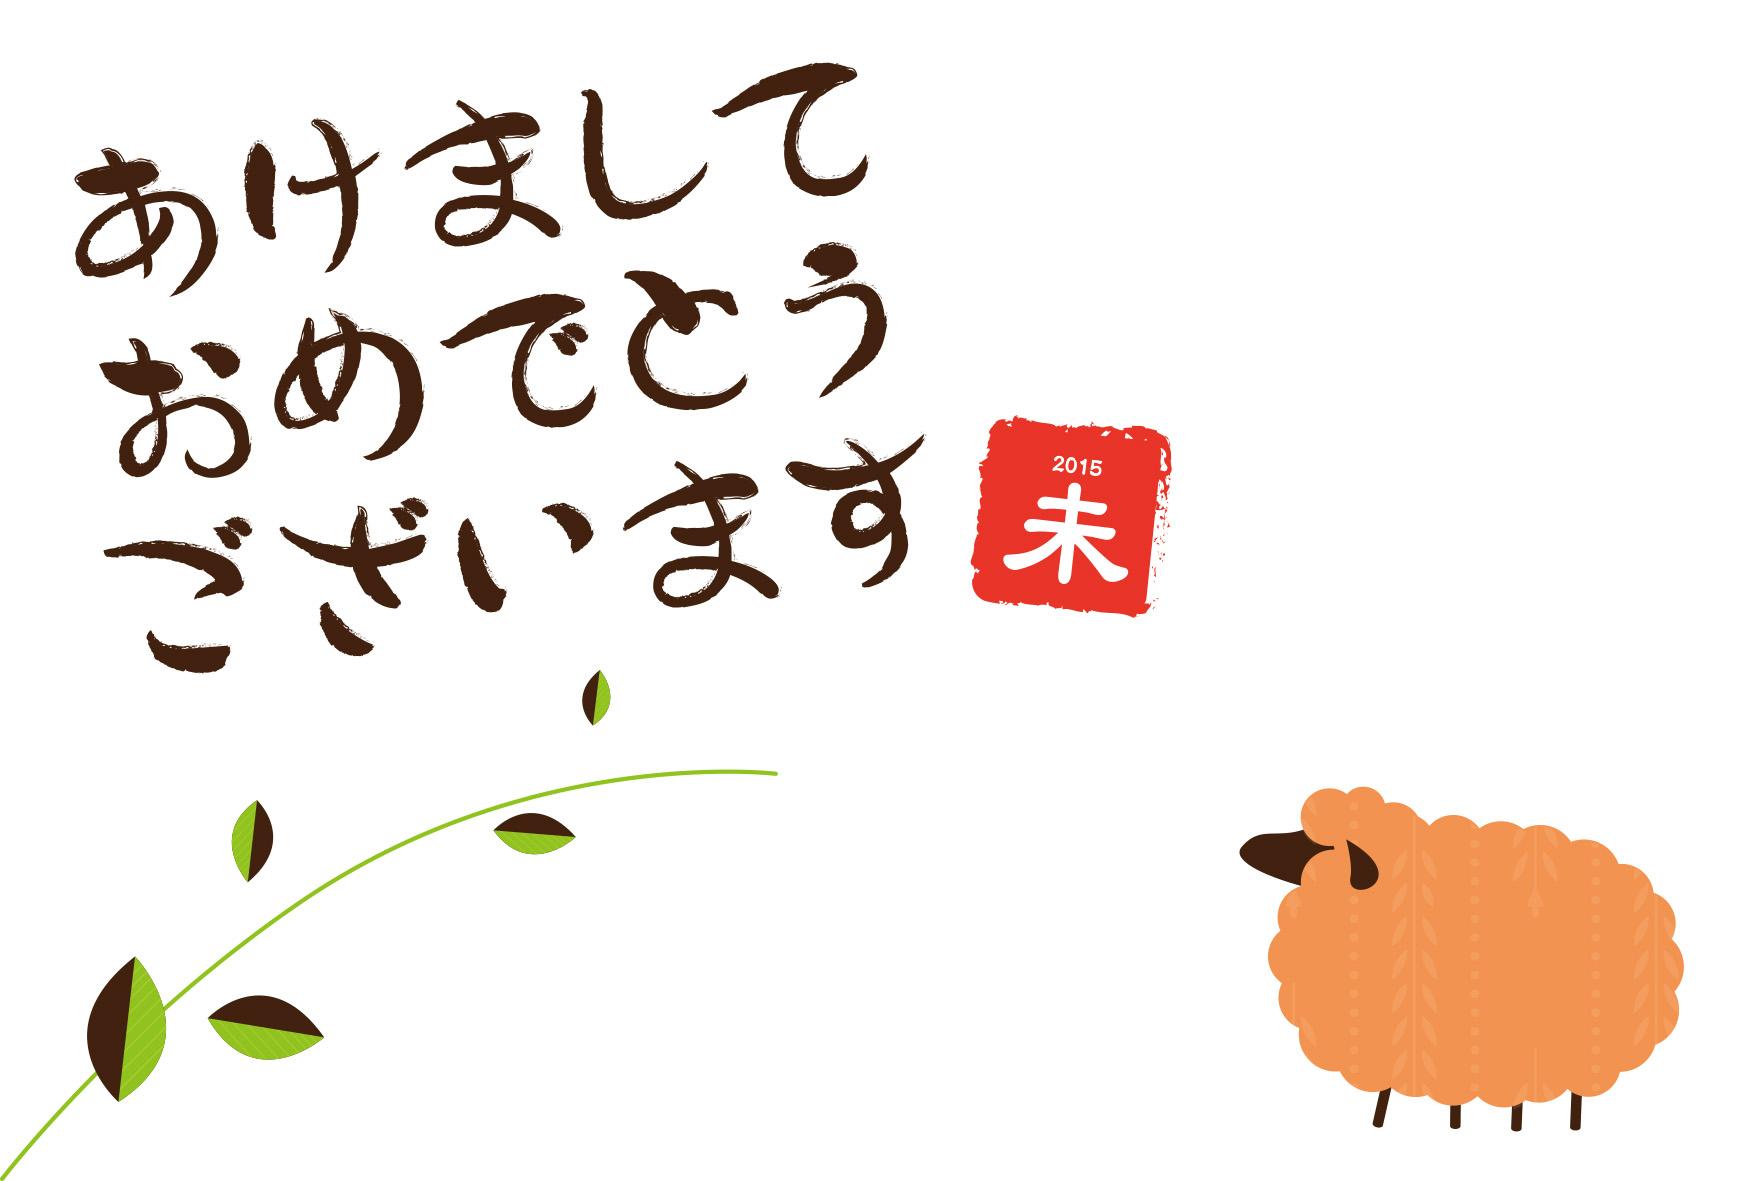 葉っぱと羊 横ver 年賀状15無料イラスト素材集